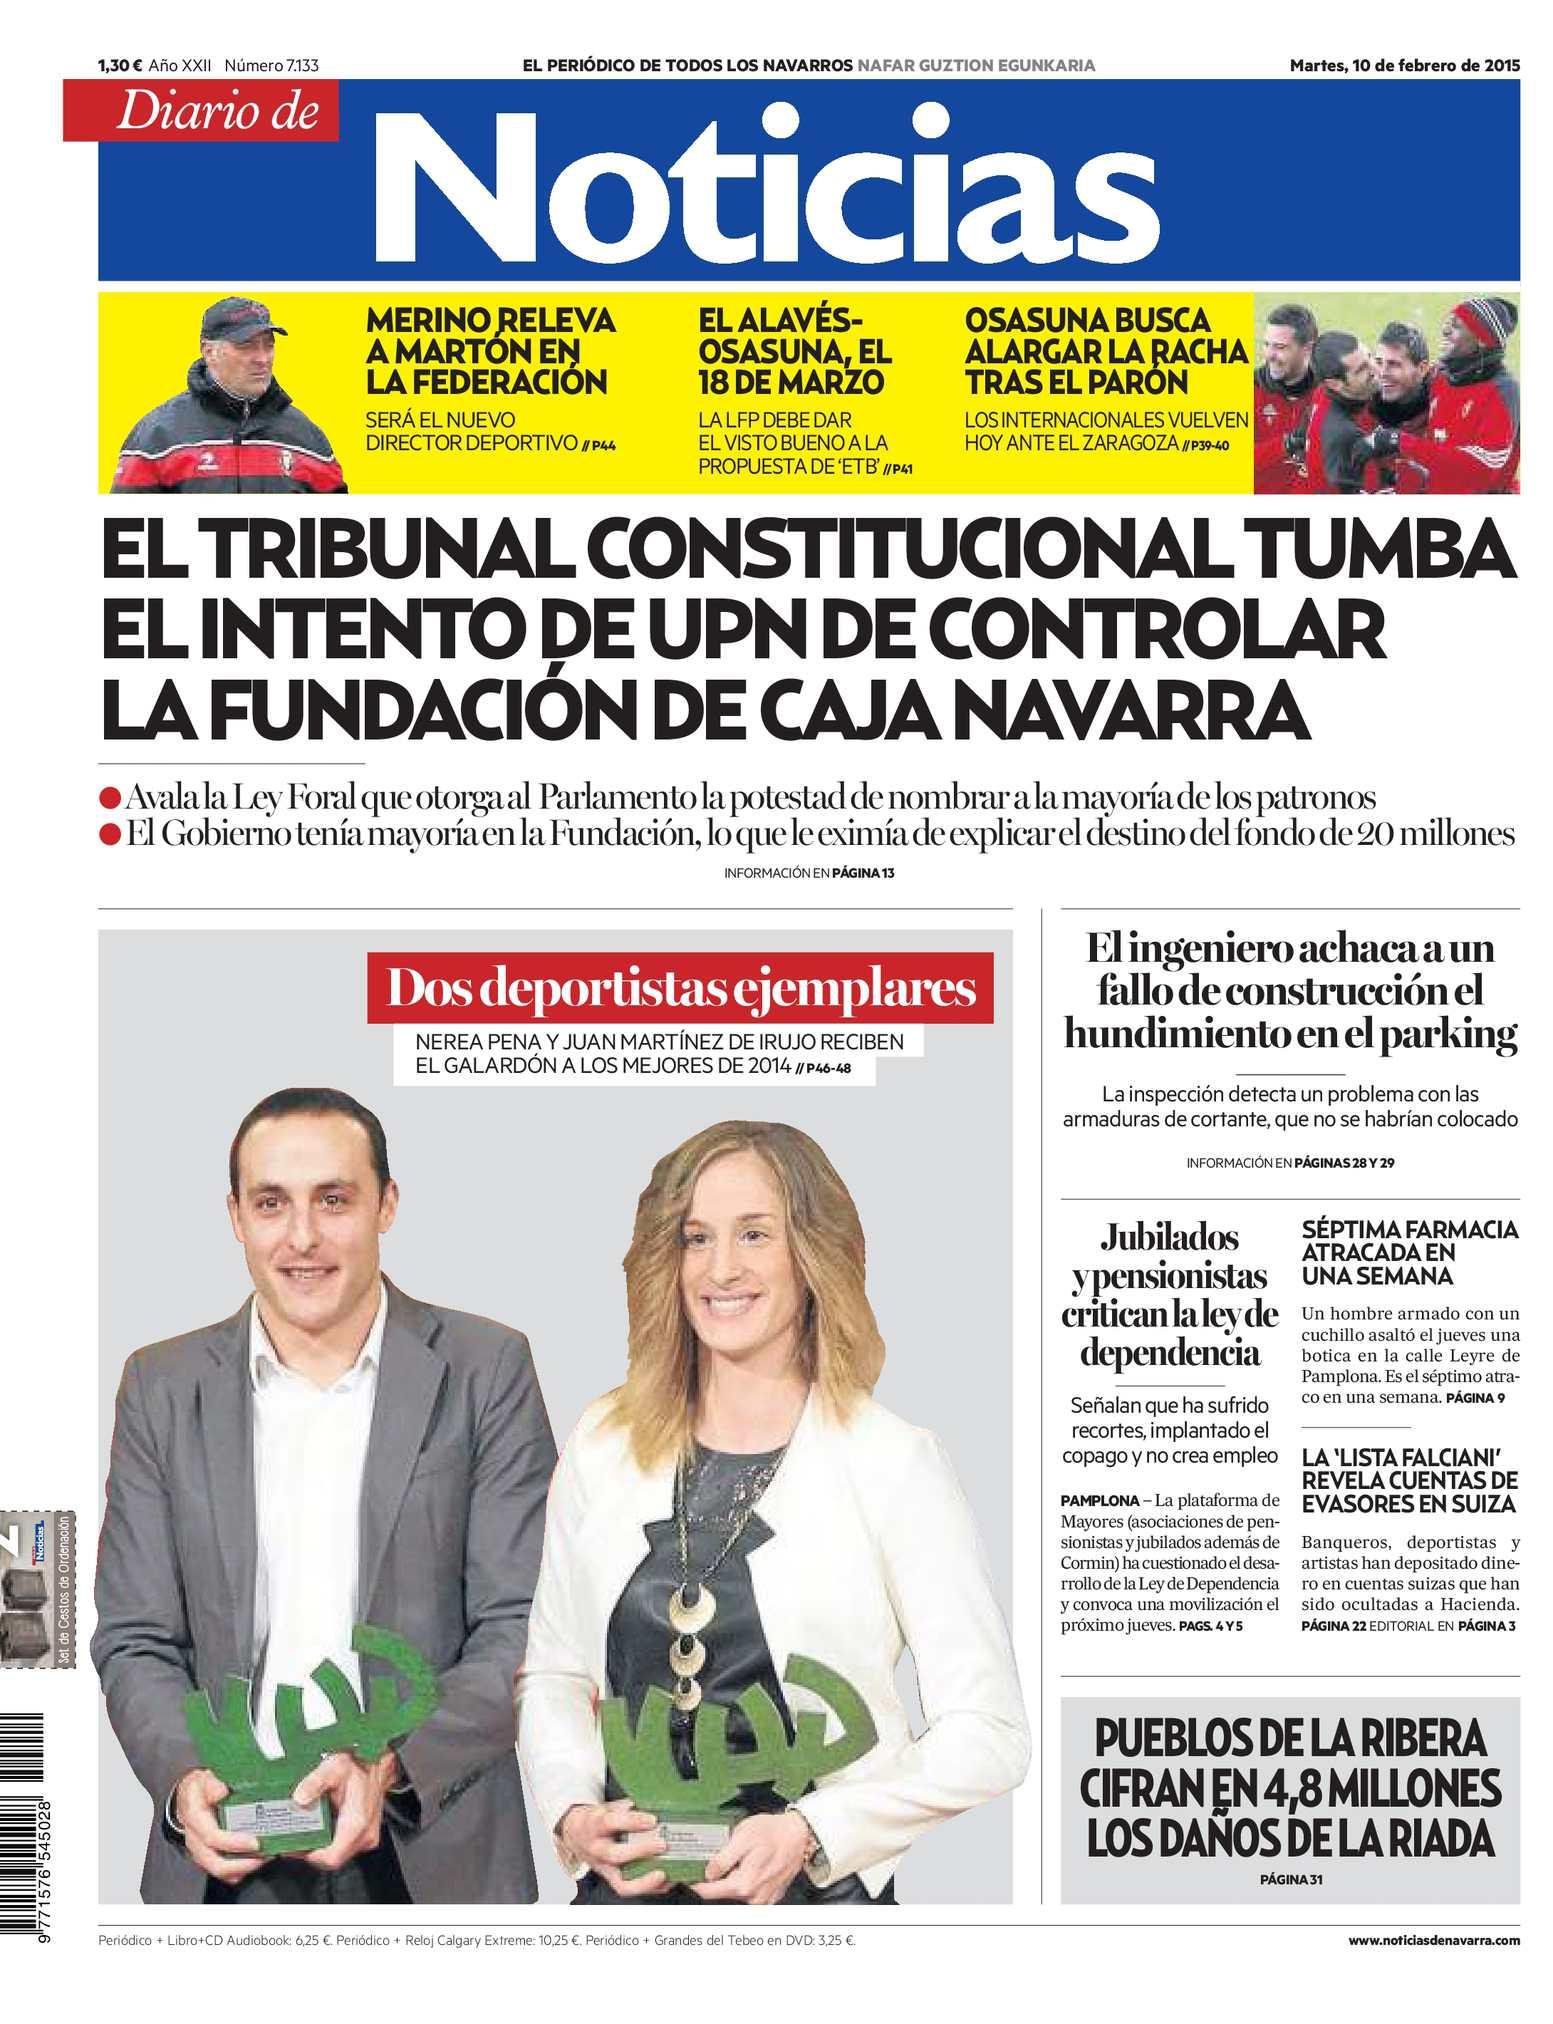 Calaméo - Diario de Noticias 20150210